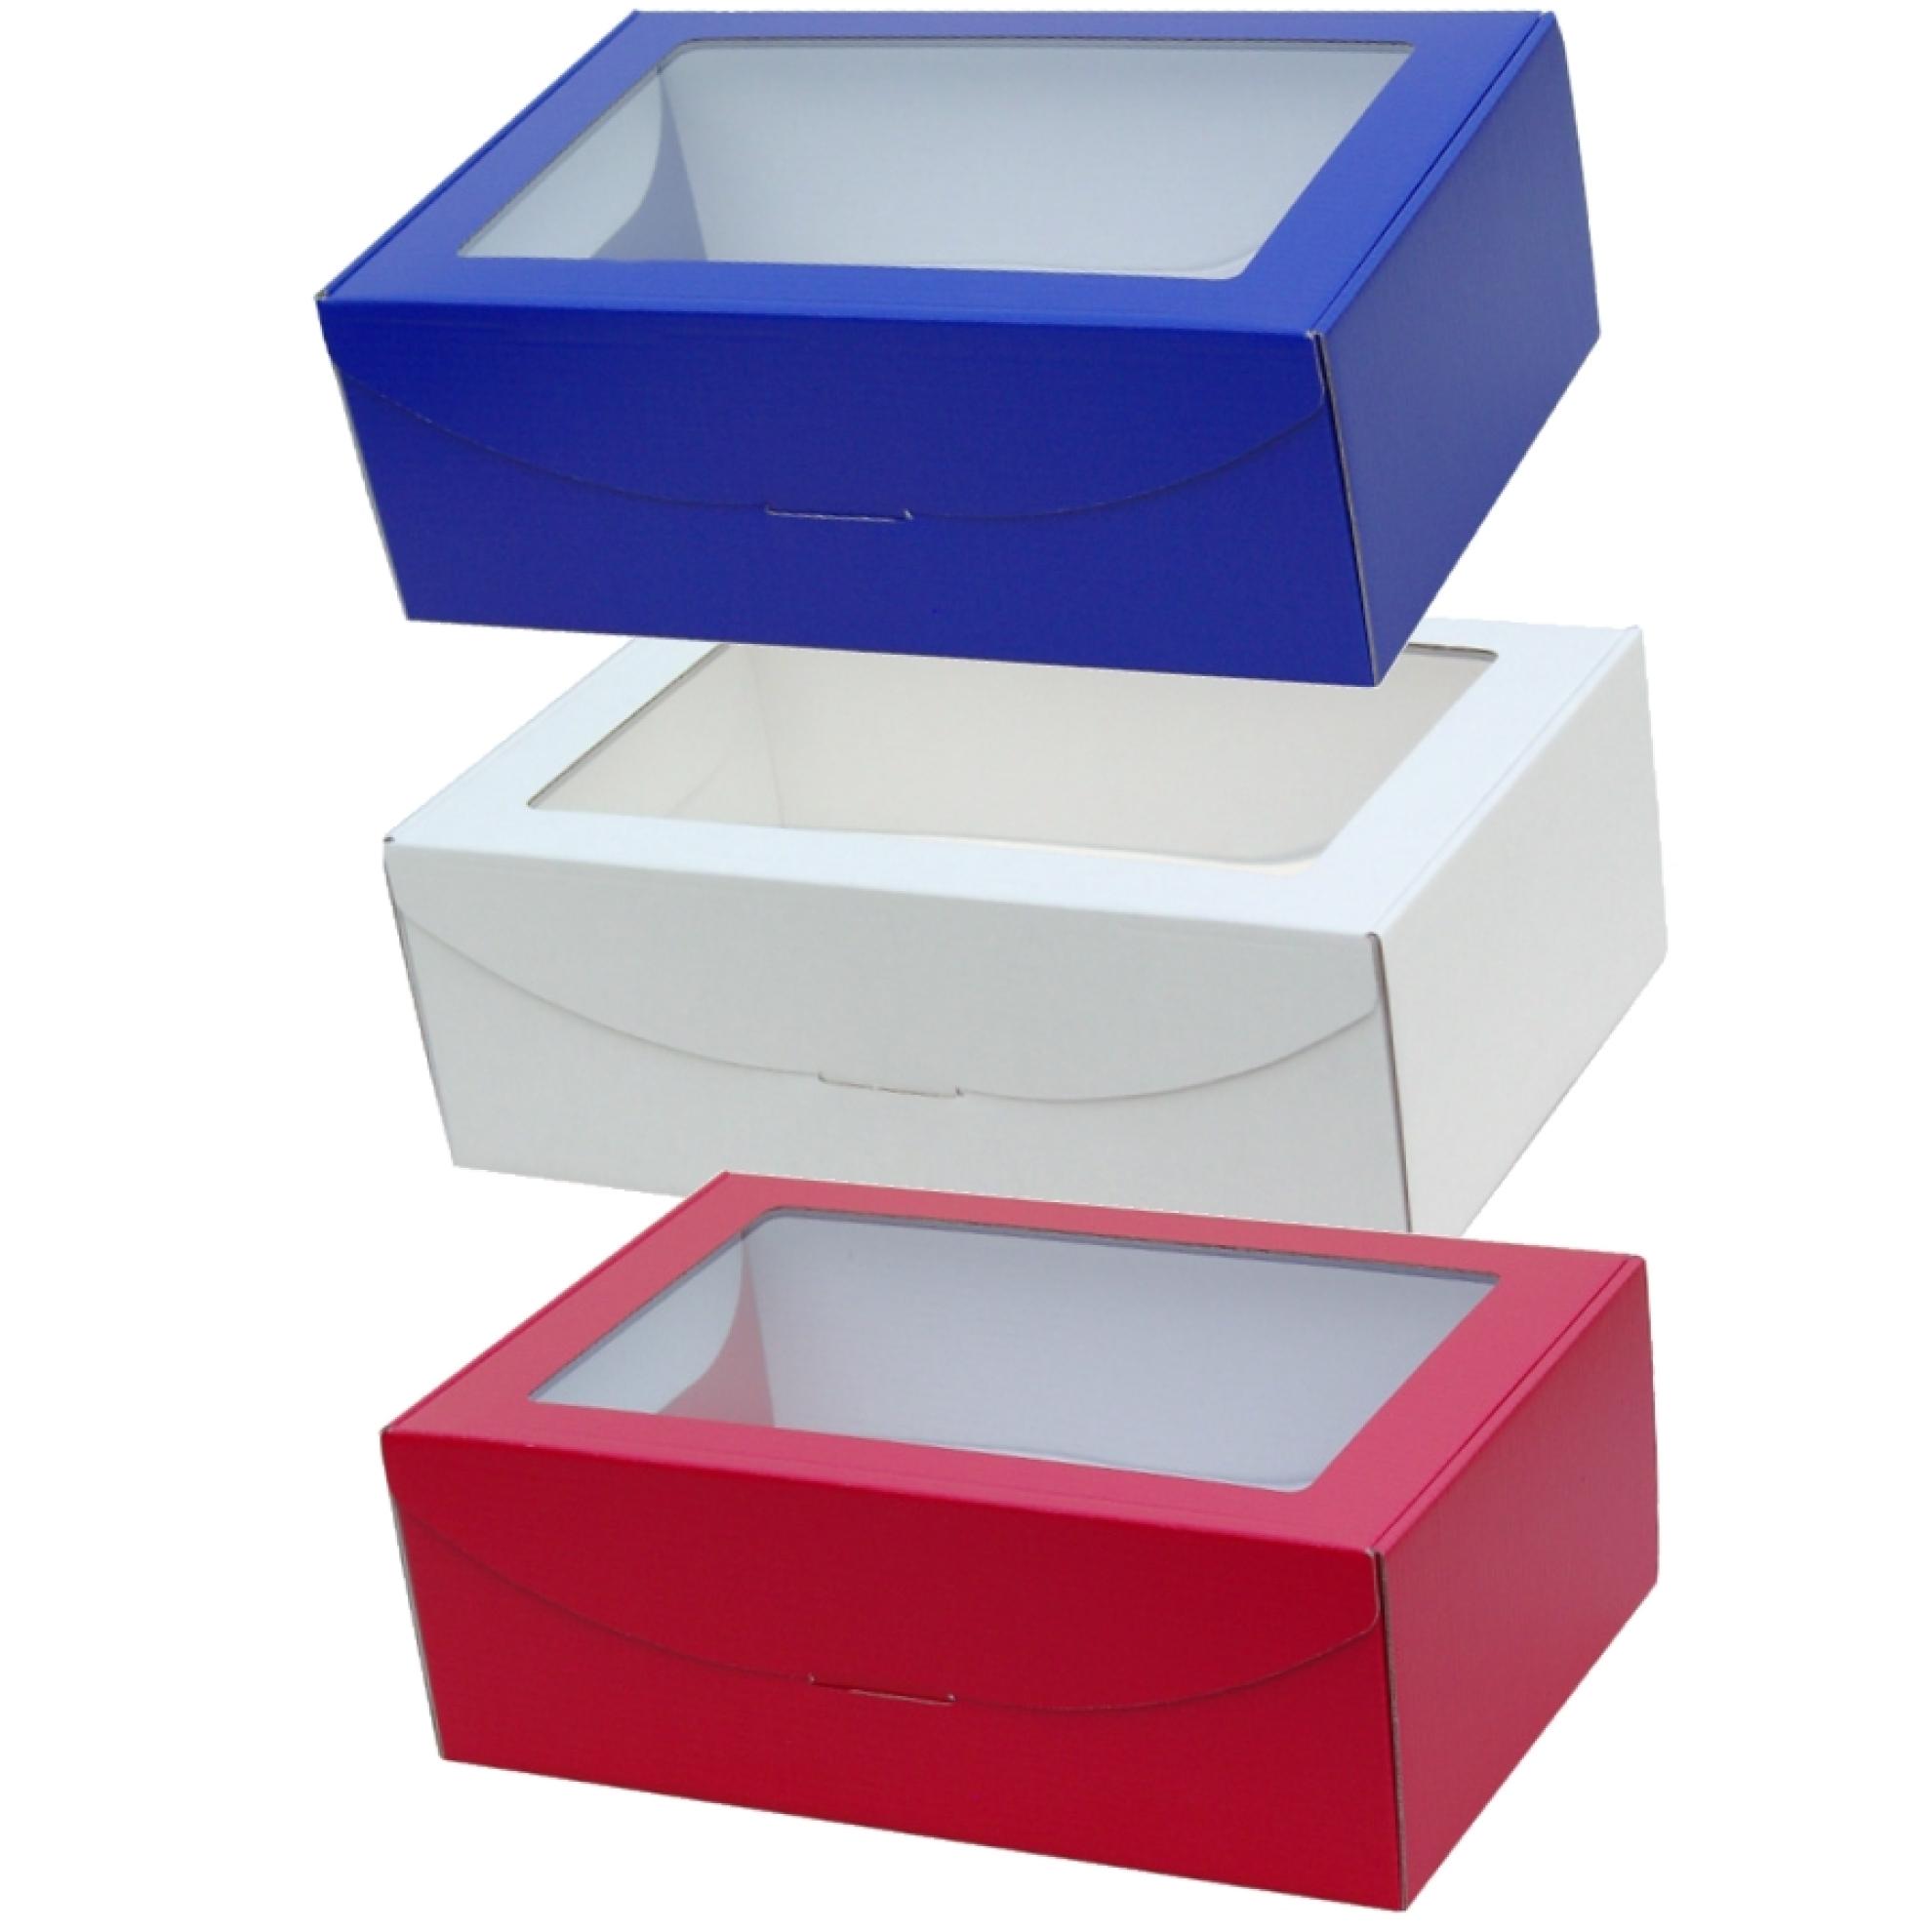 luxor fenster 265 x 173 x 93 mm e welle gedeckt ziegler hersteller von verpackung luftpolster. Black Bedroom Furniture Sets. Home Design Ideas